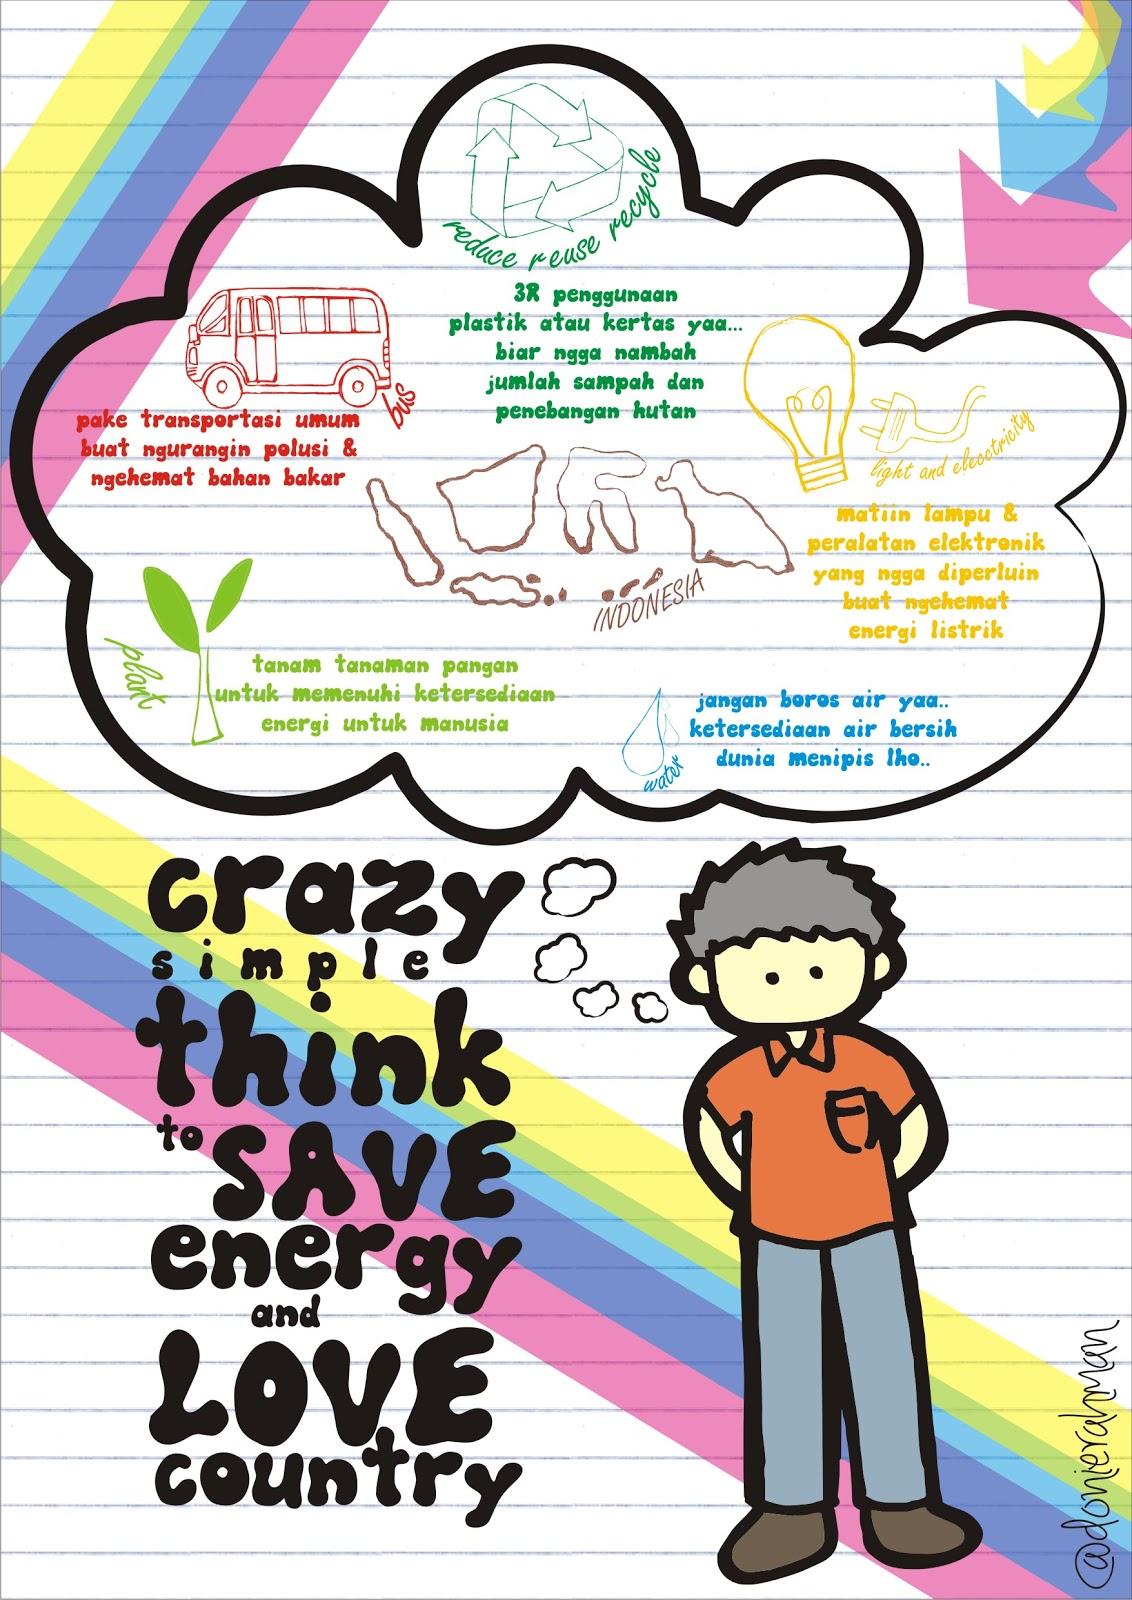 Mewarnai Poster Hemat Energi : mewarnai, poster, hemat, energi, Gambar, Mewarnai, Poster, Hemat, Energi, Listrik, Terbaik, Kumpulan